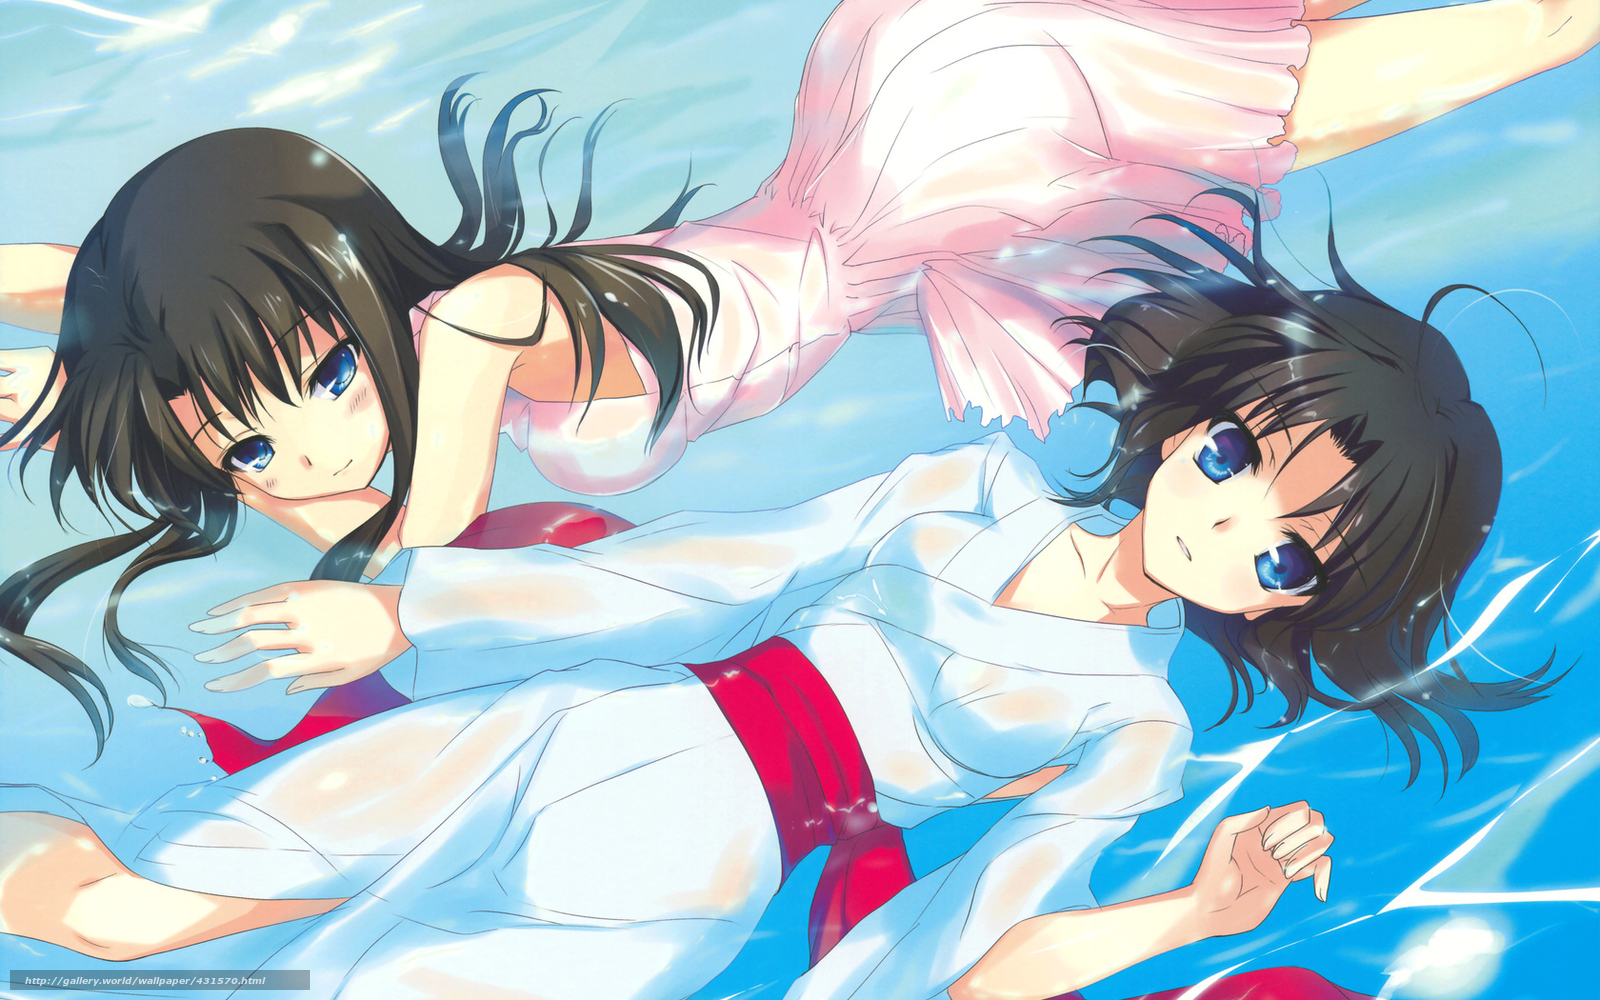 Arte Anime Huecos De Frontera Chicas Vestir Agua 431570